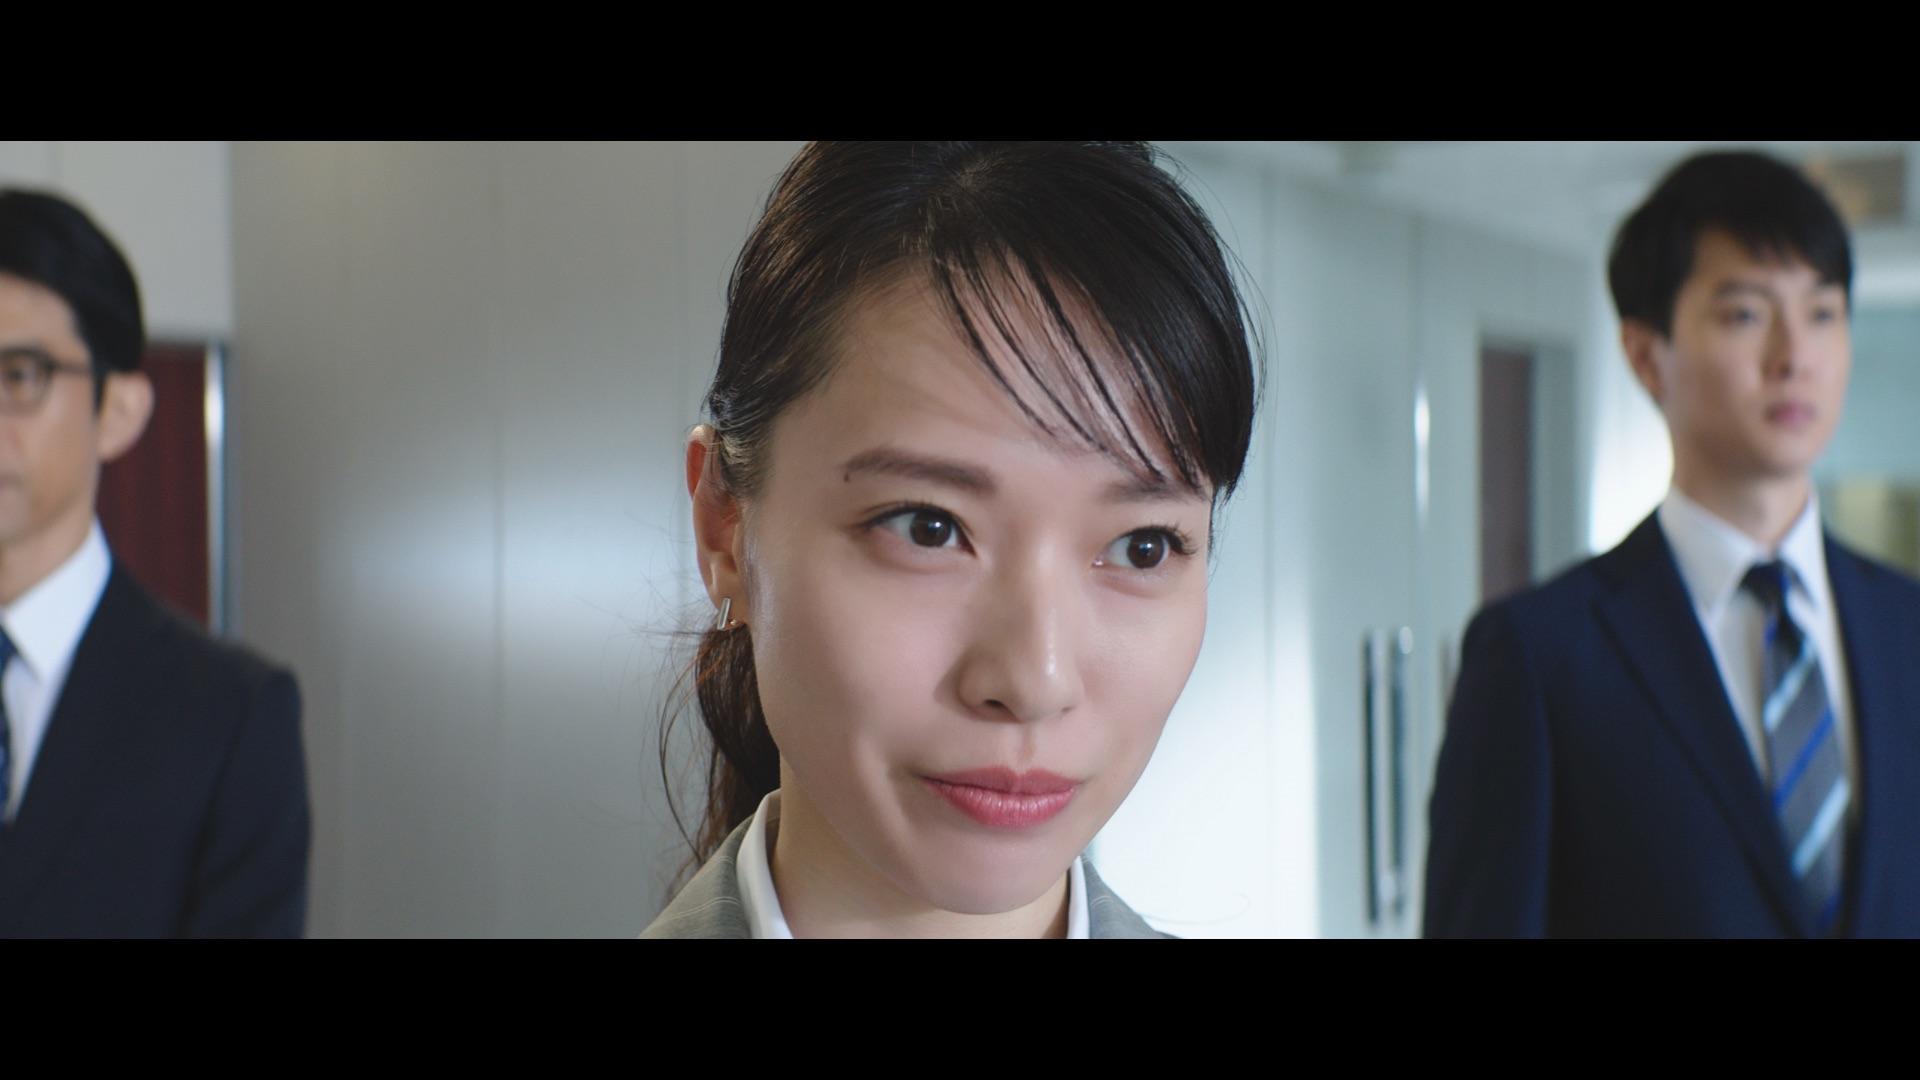 戸田恵梨香(とだ えりか)が、佐川急便(SAGAWA)の先進的ロジスティクスプロジェクトチーム「GOAL®」CM